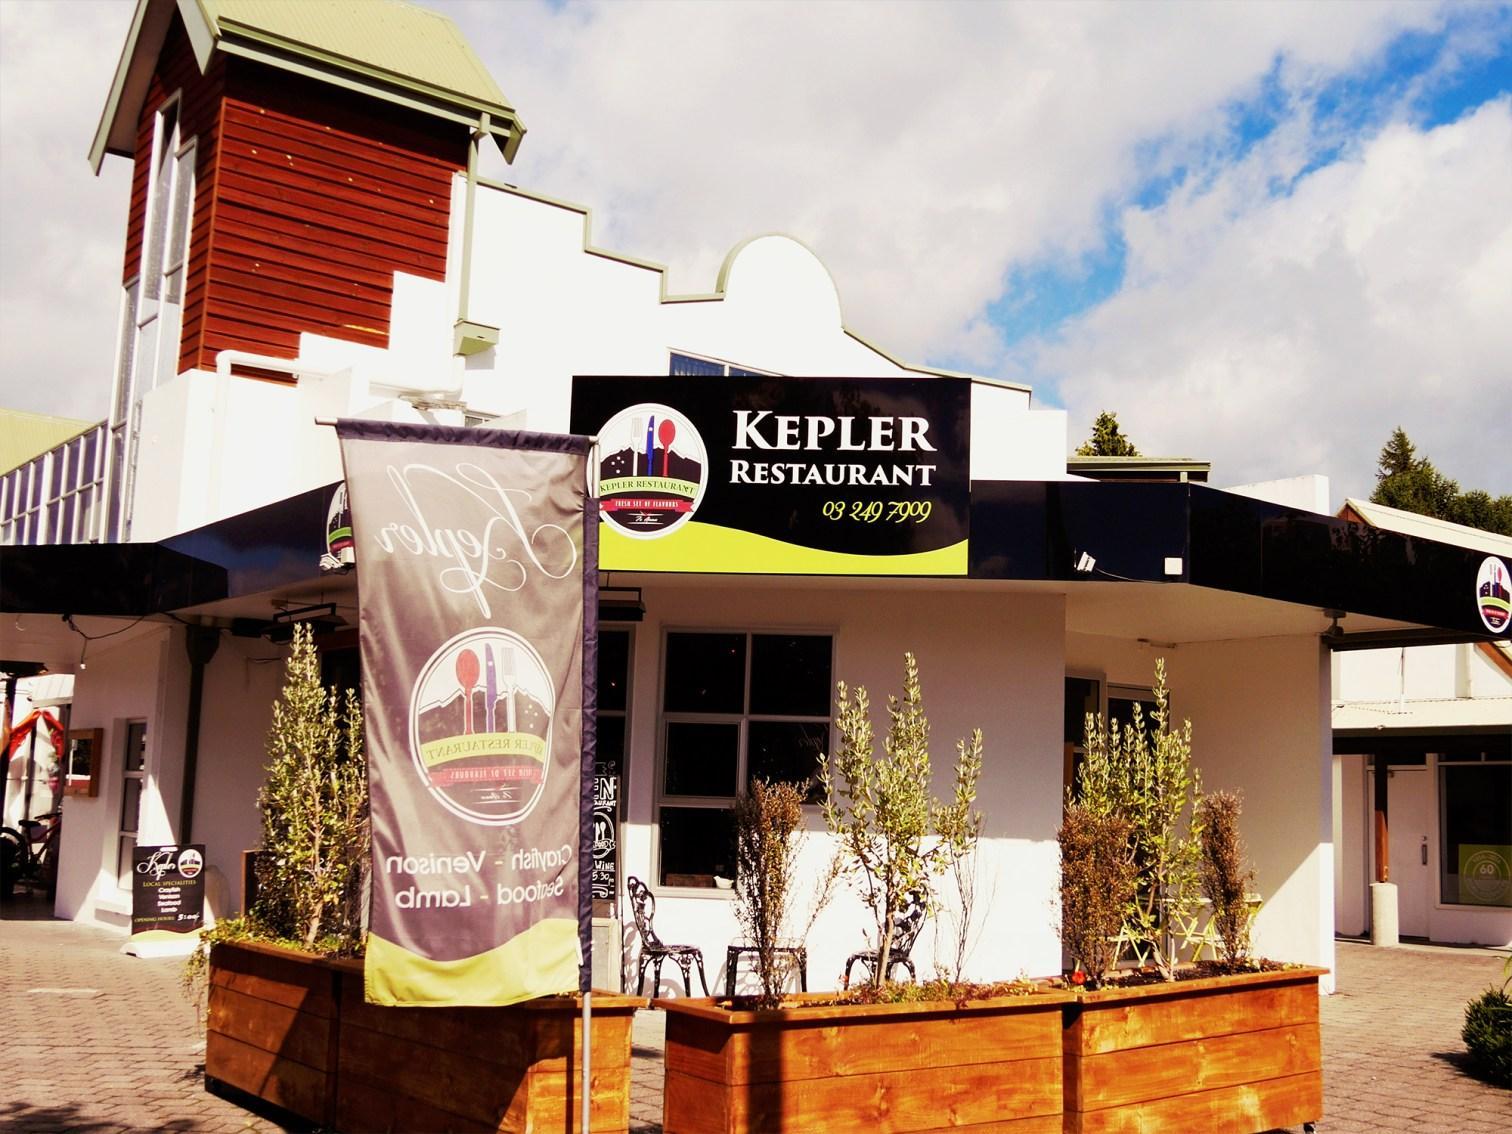 Kepler Restaurant